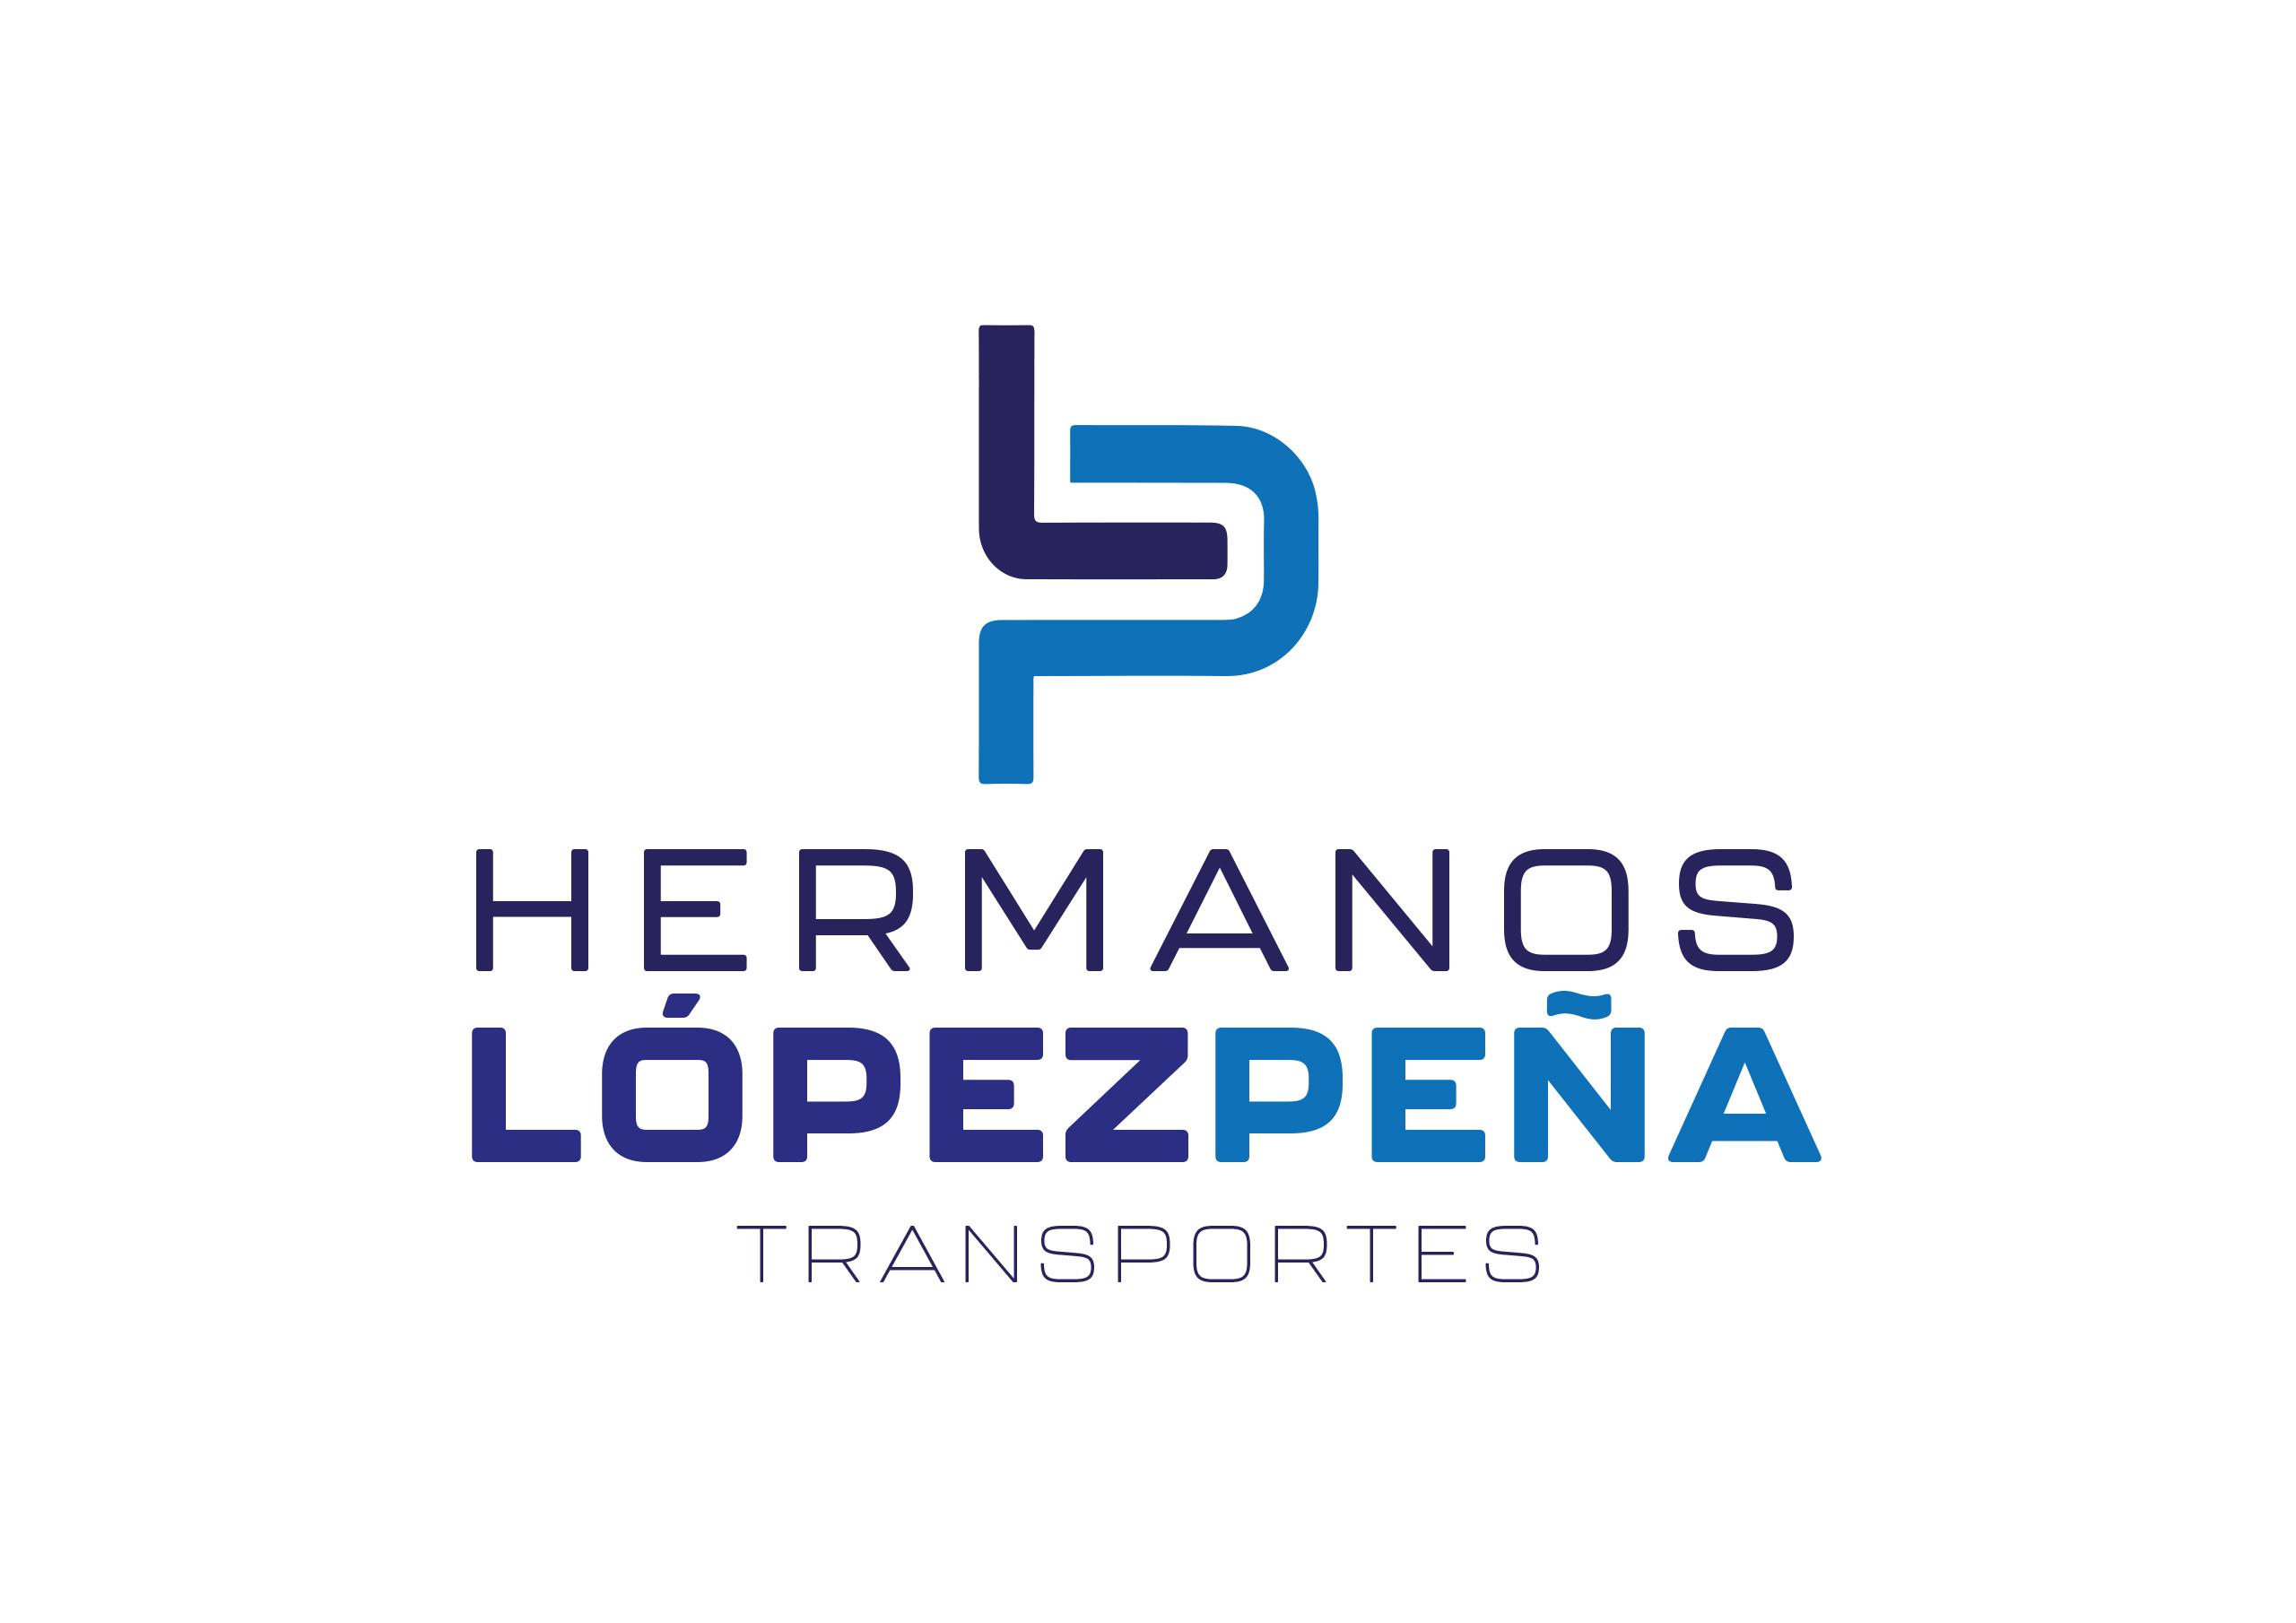 Logo Fondo Blanco Hermanos Lopez Peña